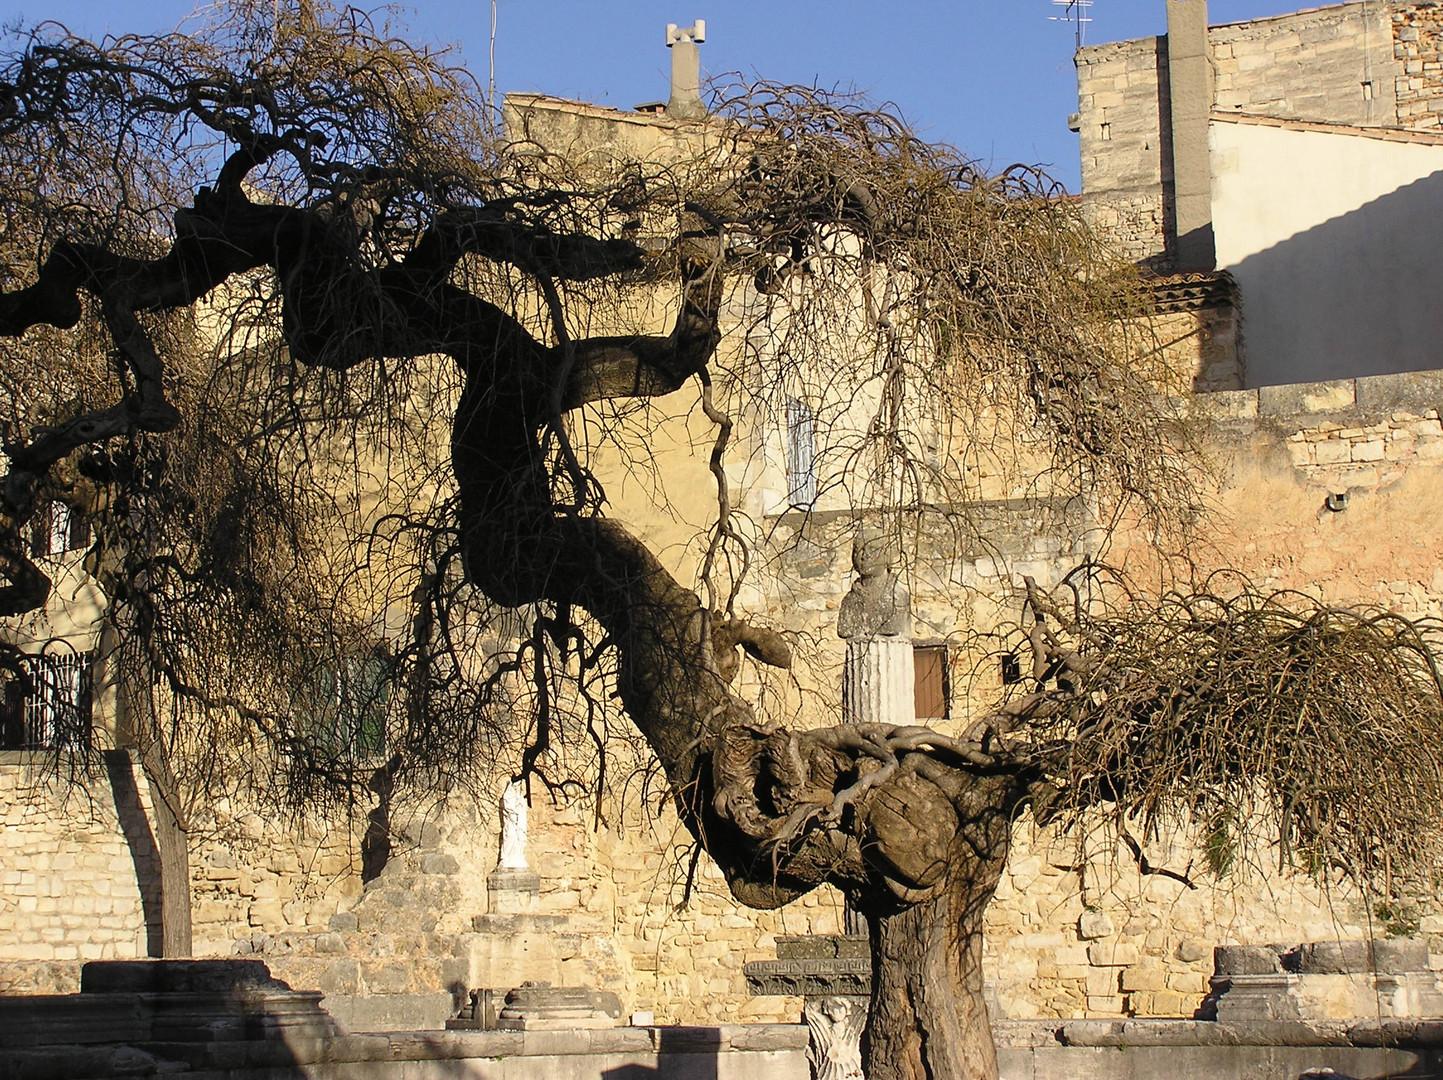 vieil arbre noueux et torturé